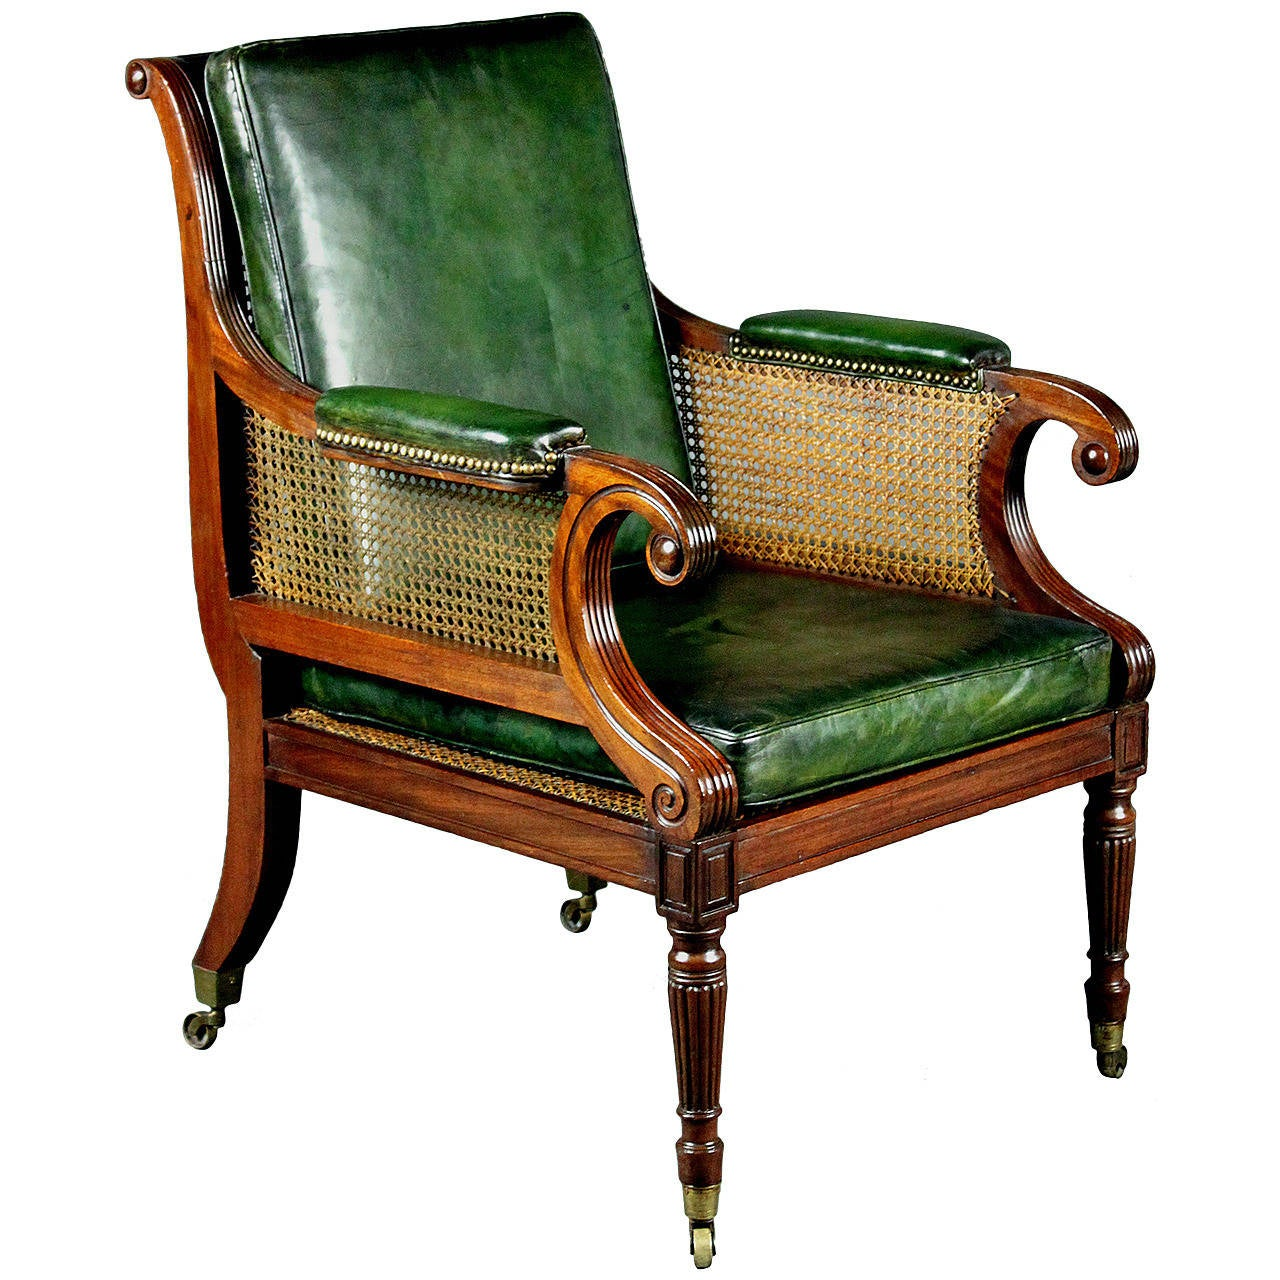 Regency Bergere Chair at 1stdibs